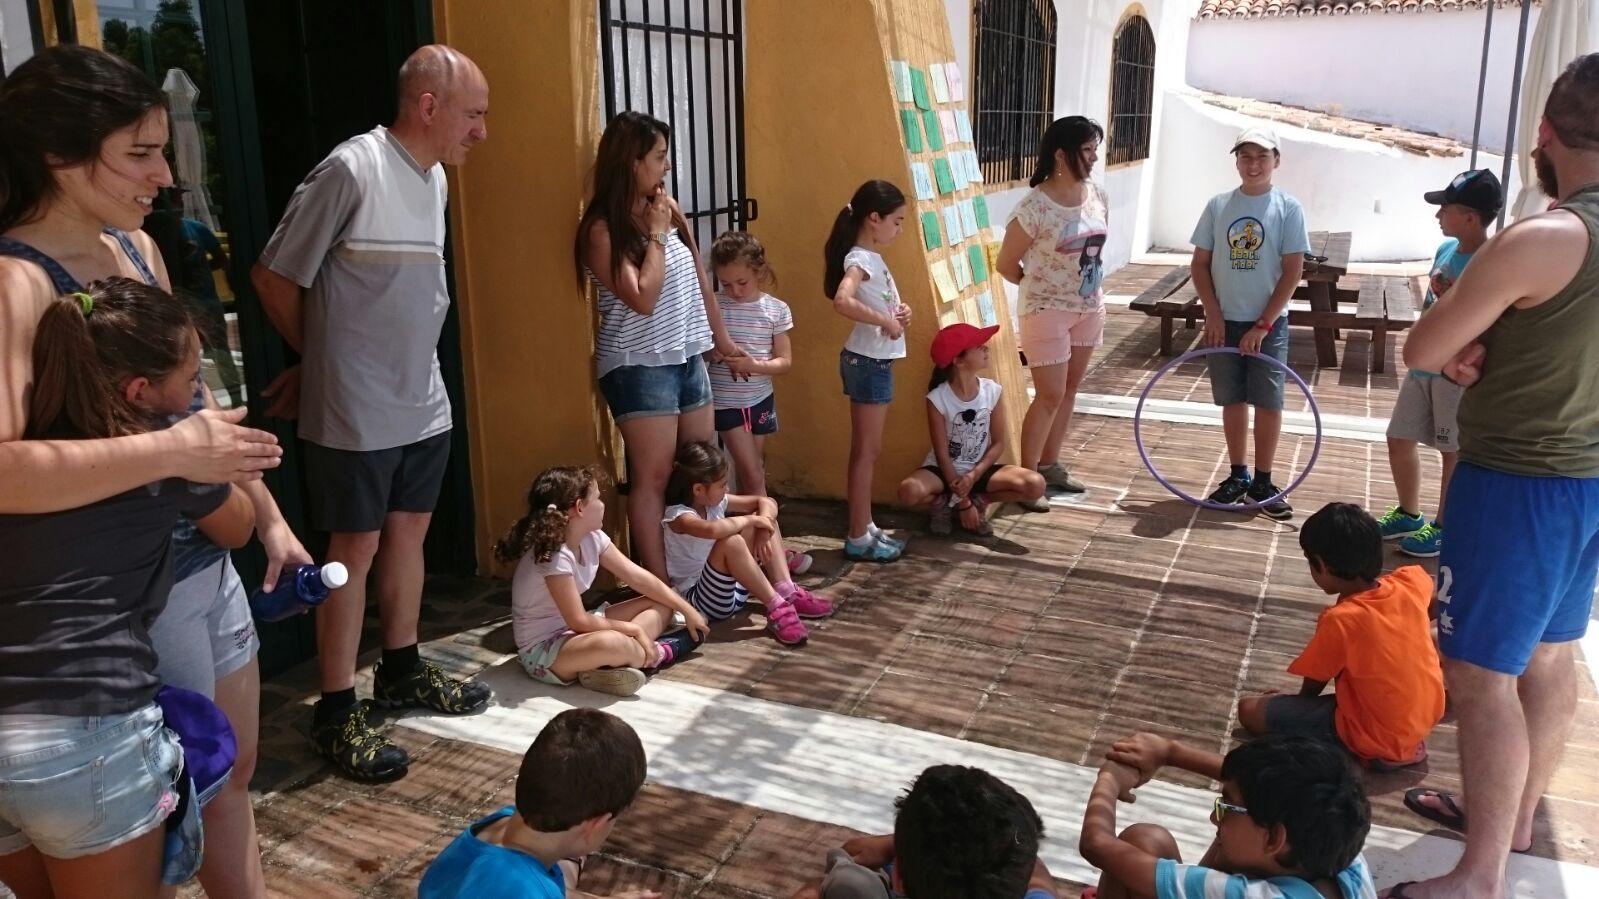 2016.07.4-10 - Campamento Niños en Portugal (7).jpg